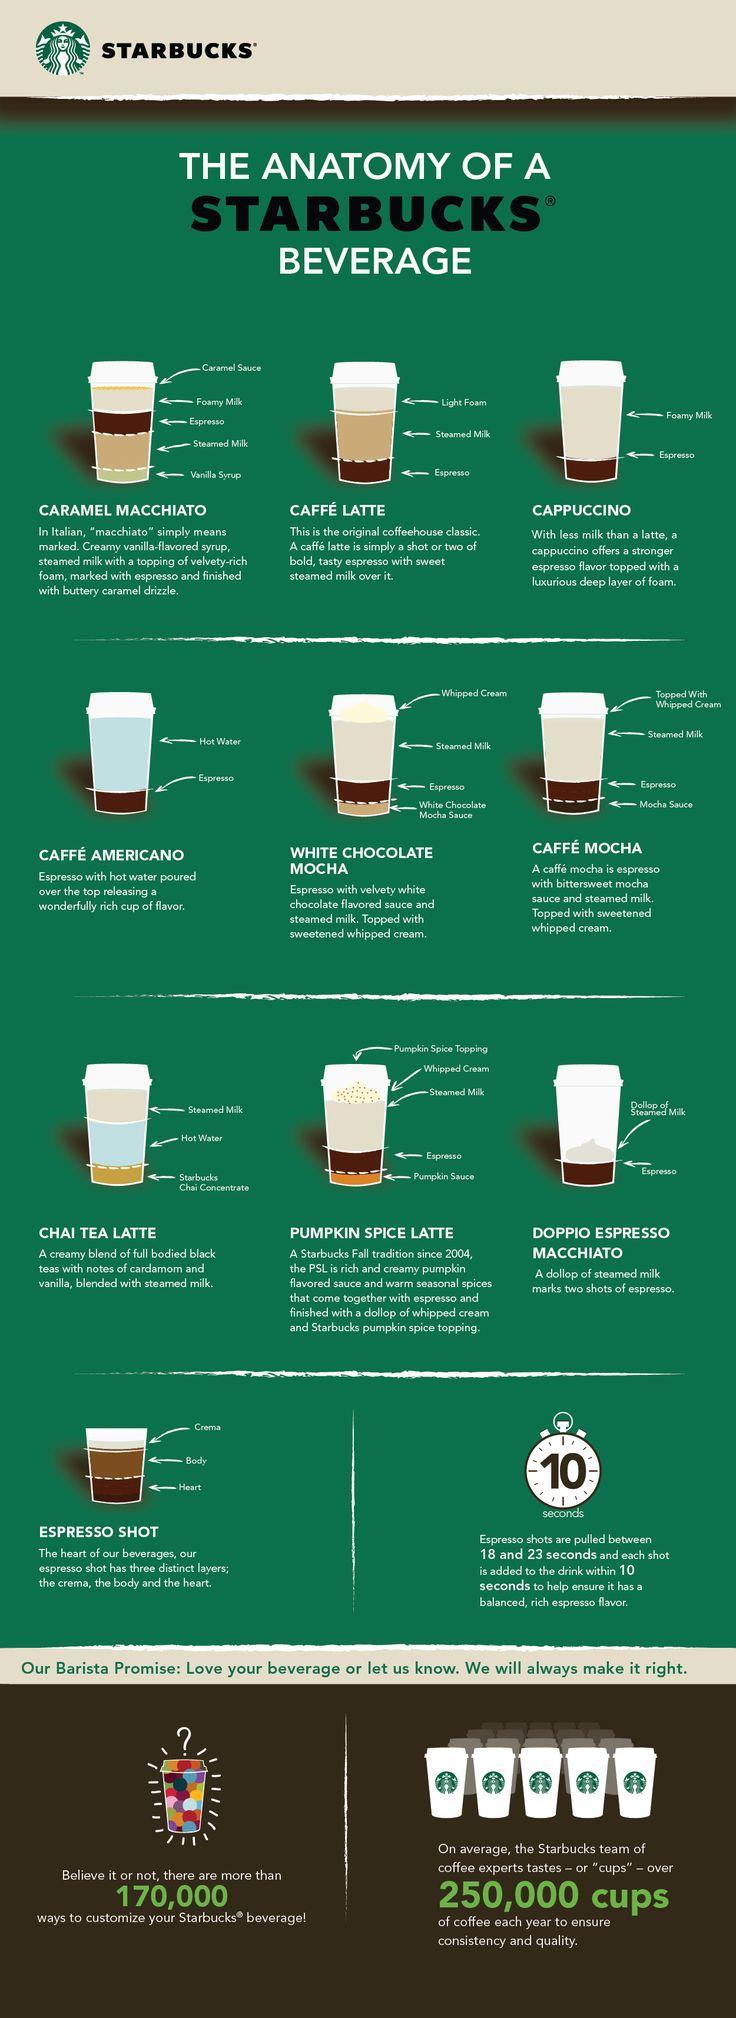 Starbucks Cooler Wiring Diagram - Wiring diagram